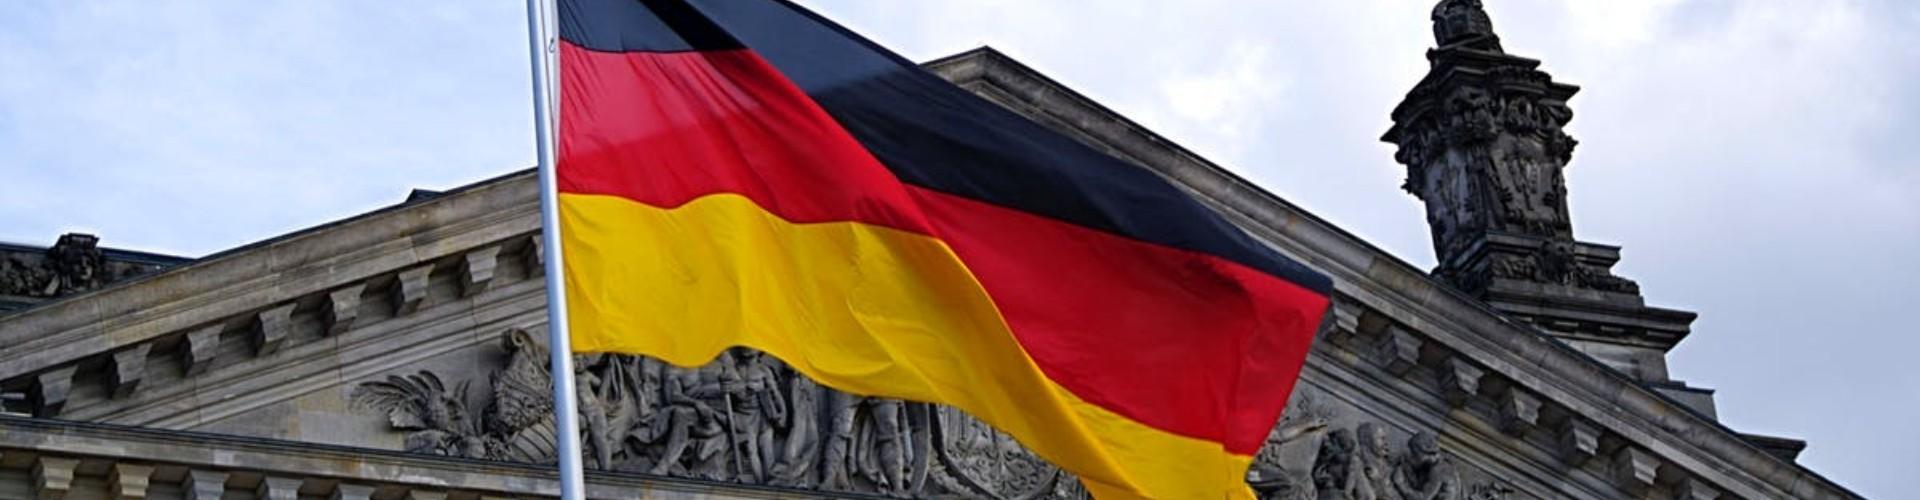 Praca Niemcy: sezon 2021 [opinie, zarobki w Niemczech, oferty]